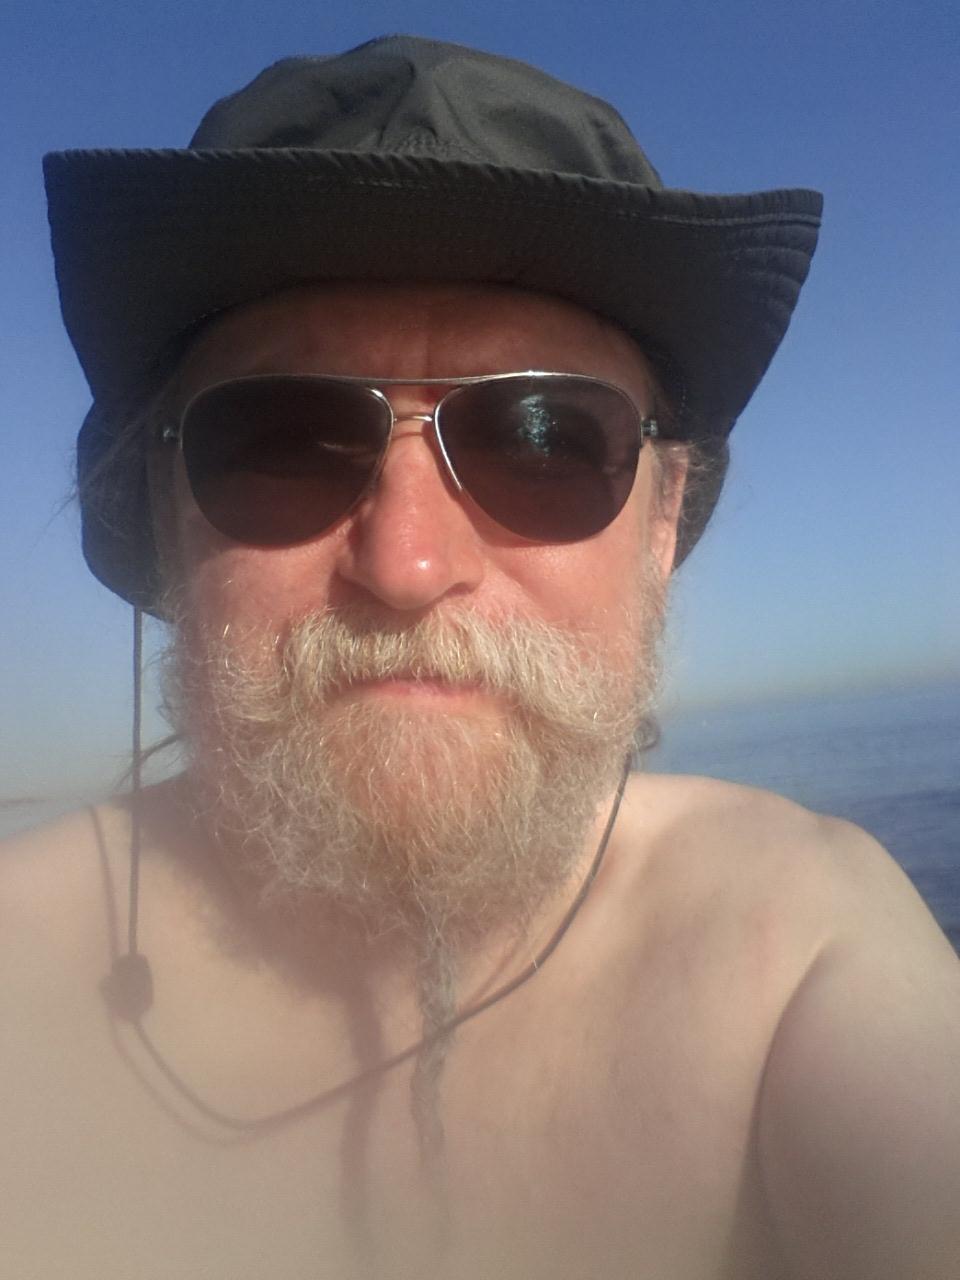 Ma 'n selfie am Strand